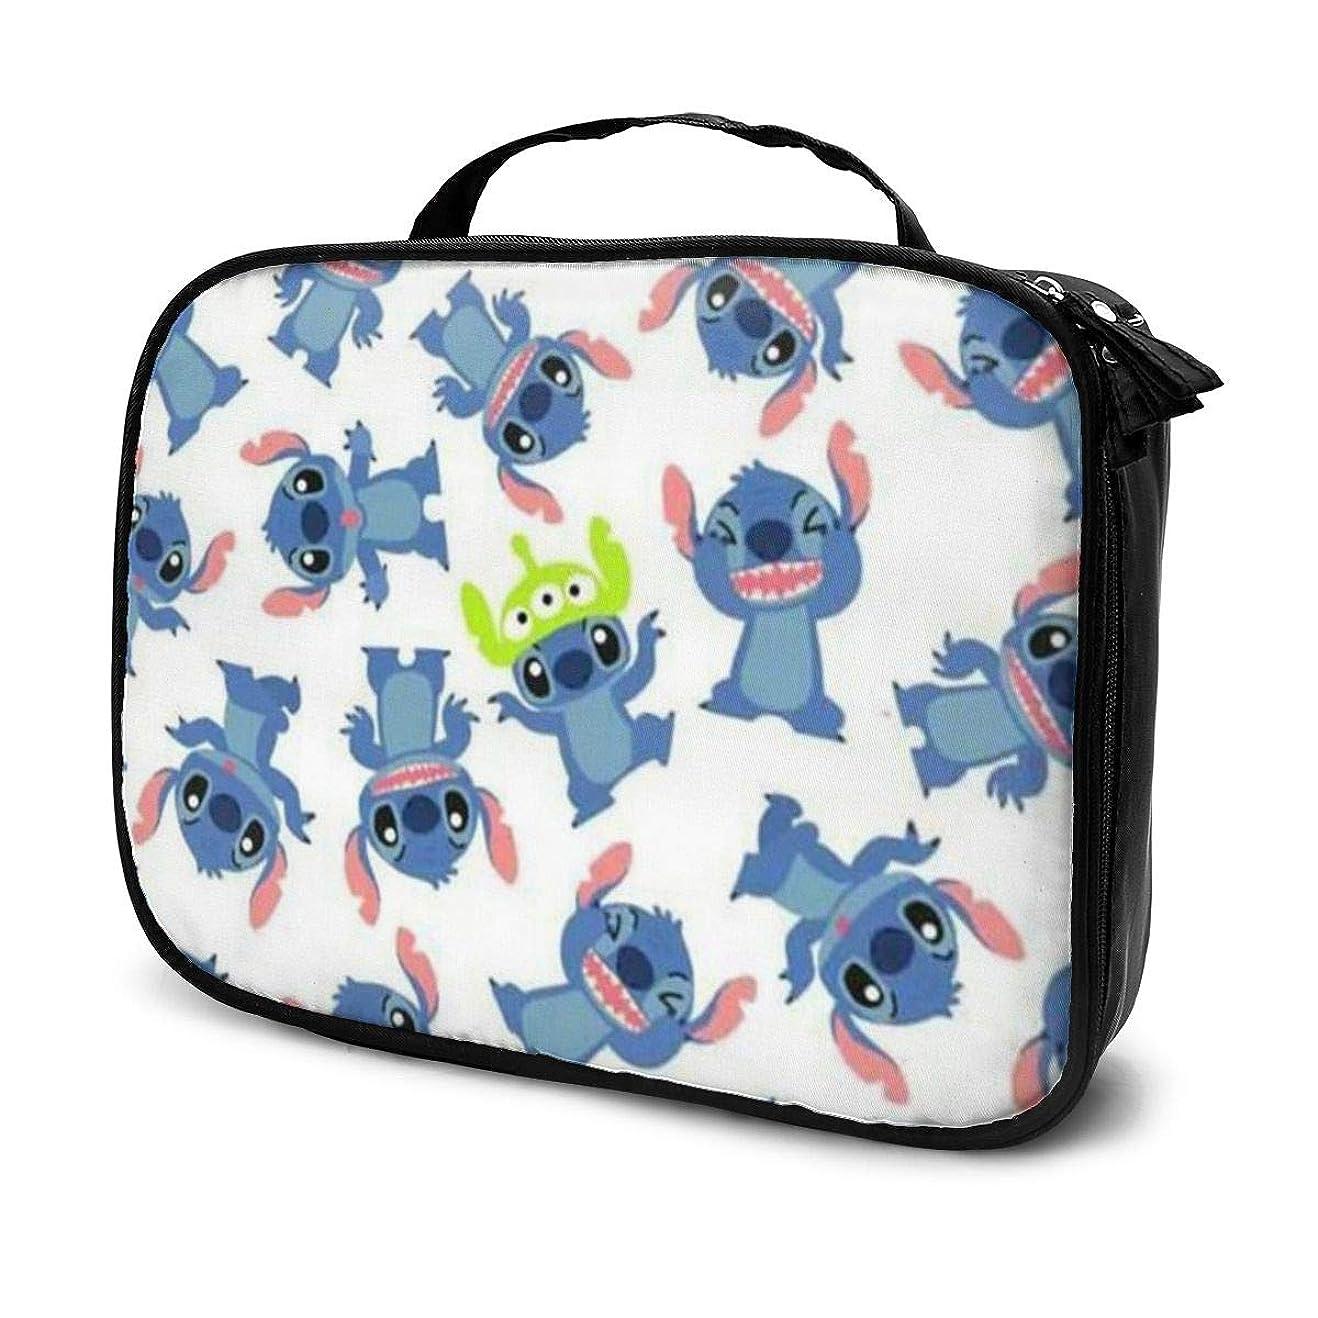 引退するふざけた待つDaituステッチ 化粧品袋の女性旅行バッグ収納大容量防水アクセサリー旅行